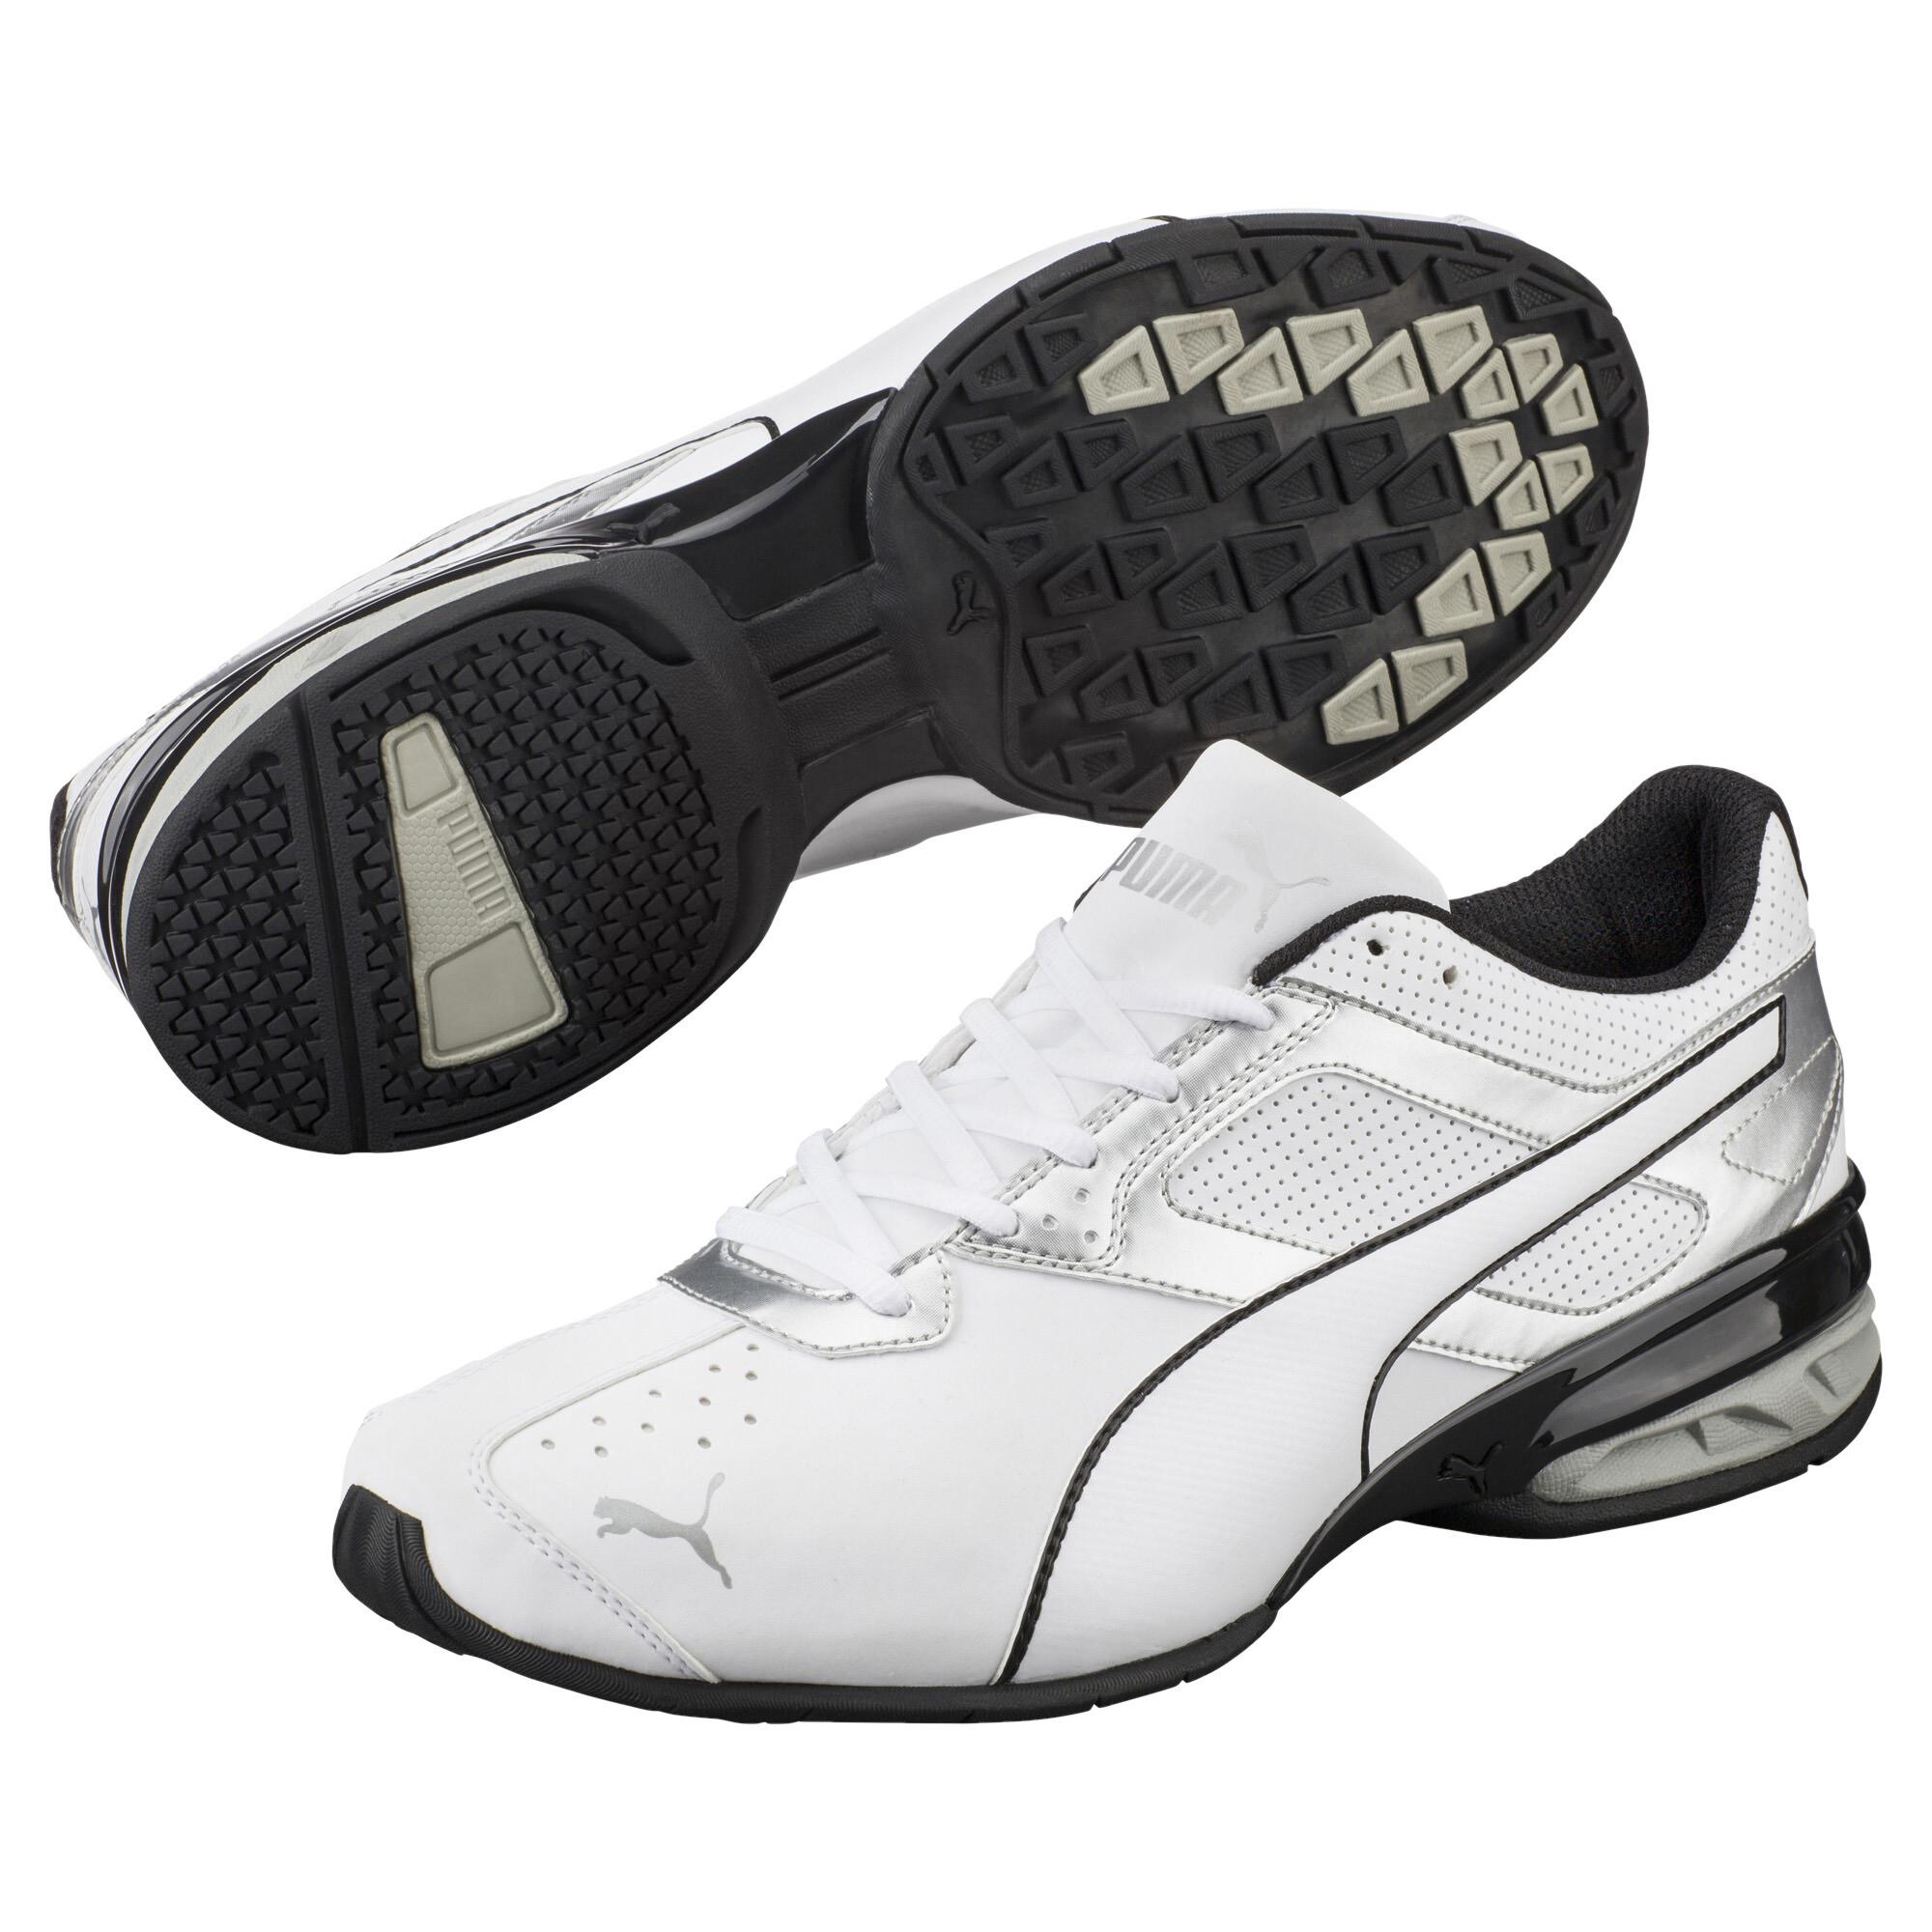 PUMA-Tazon-6-FM-Men-039-s-Sneakers-Men-Shoe-Running thumbnail 15